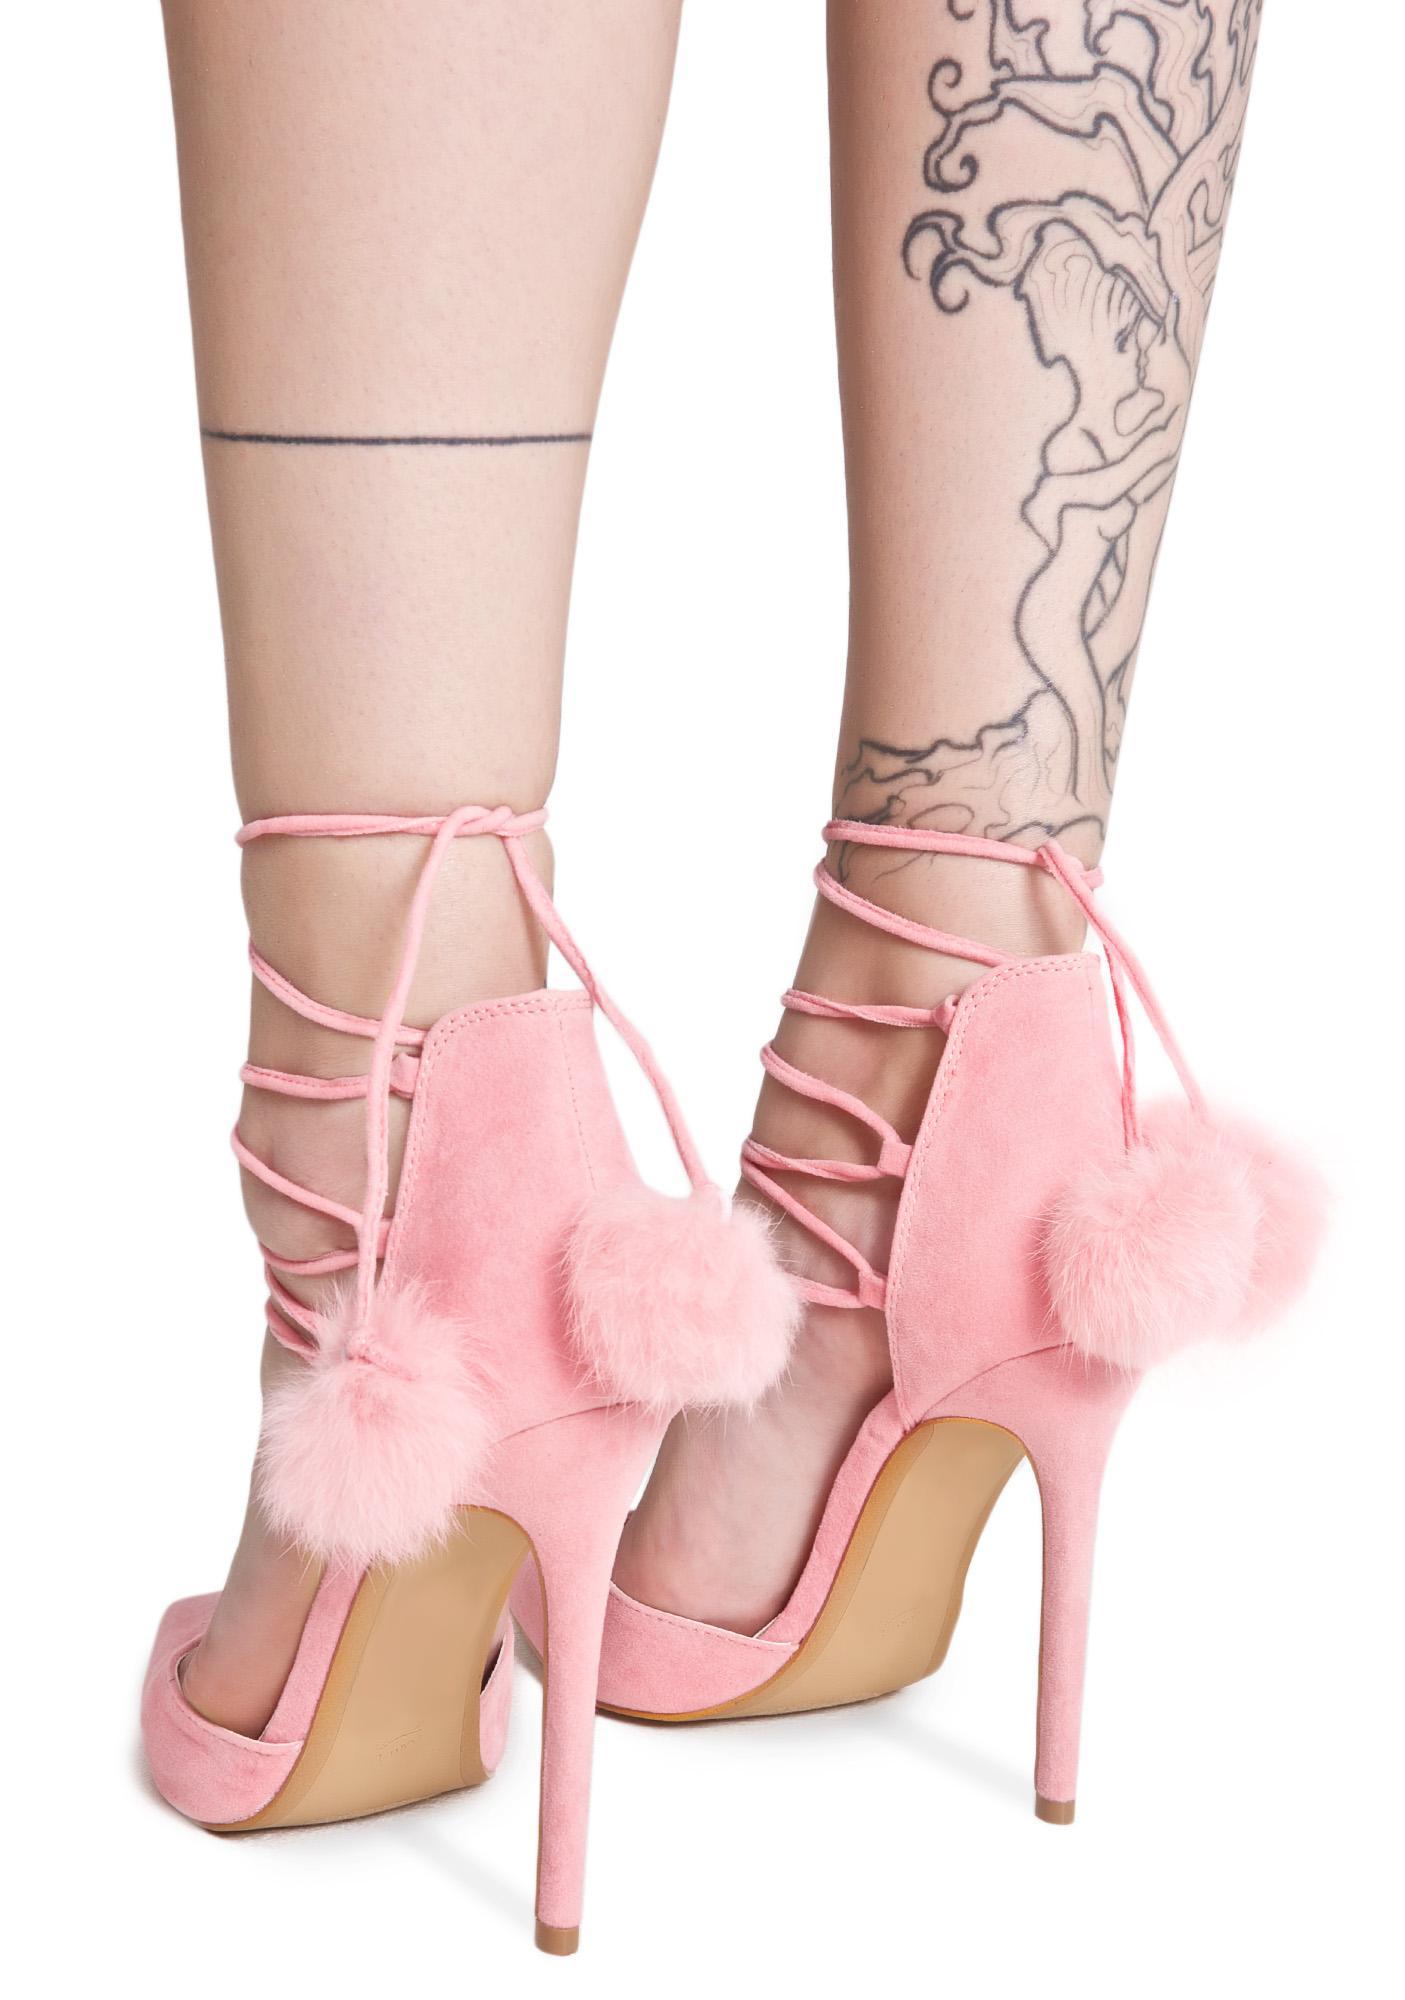 Royalty Lace-Up Heels   Dolls Kill